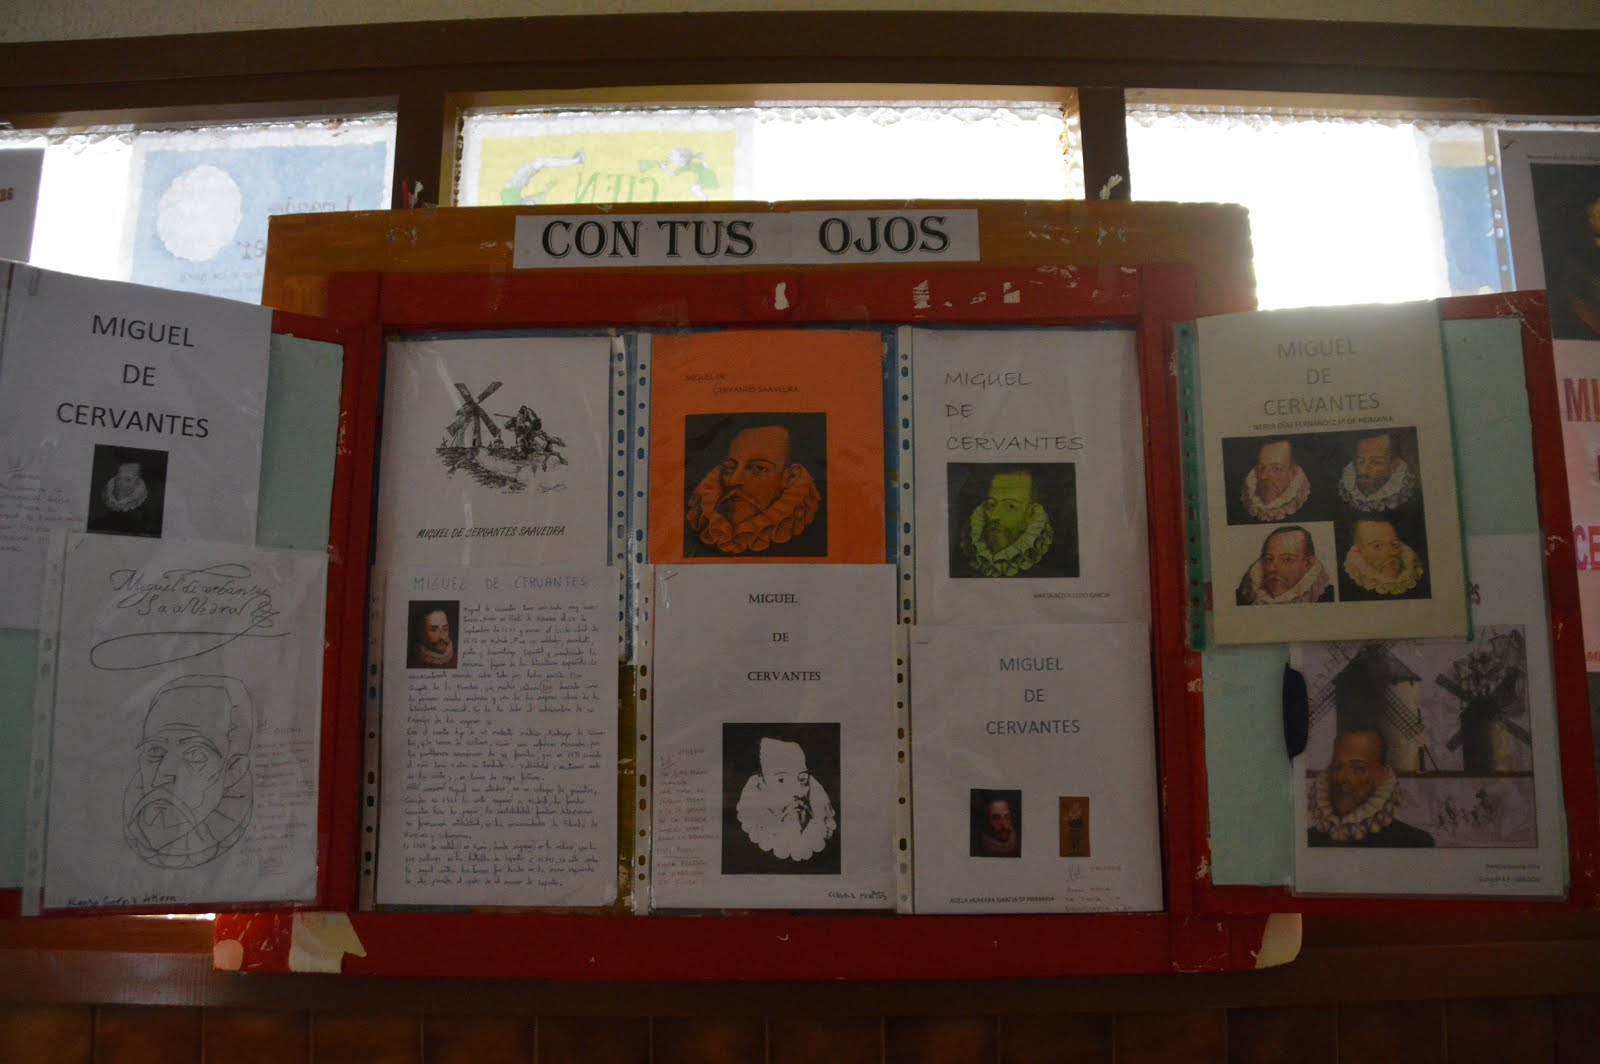 Nuestros trabajos de Cervantes